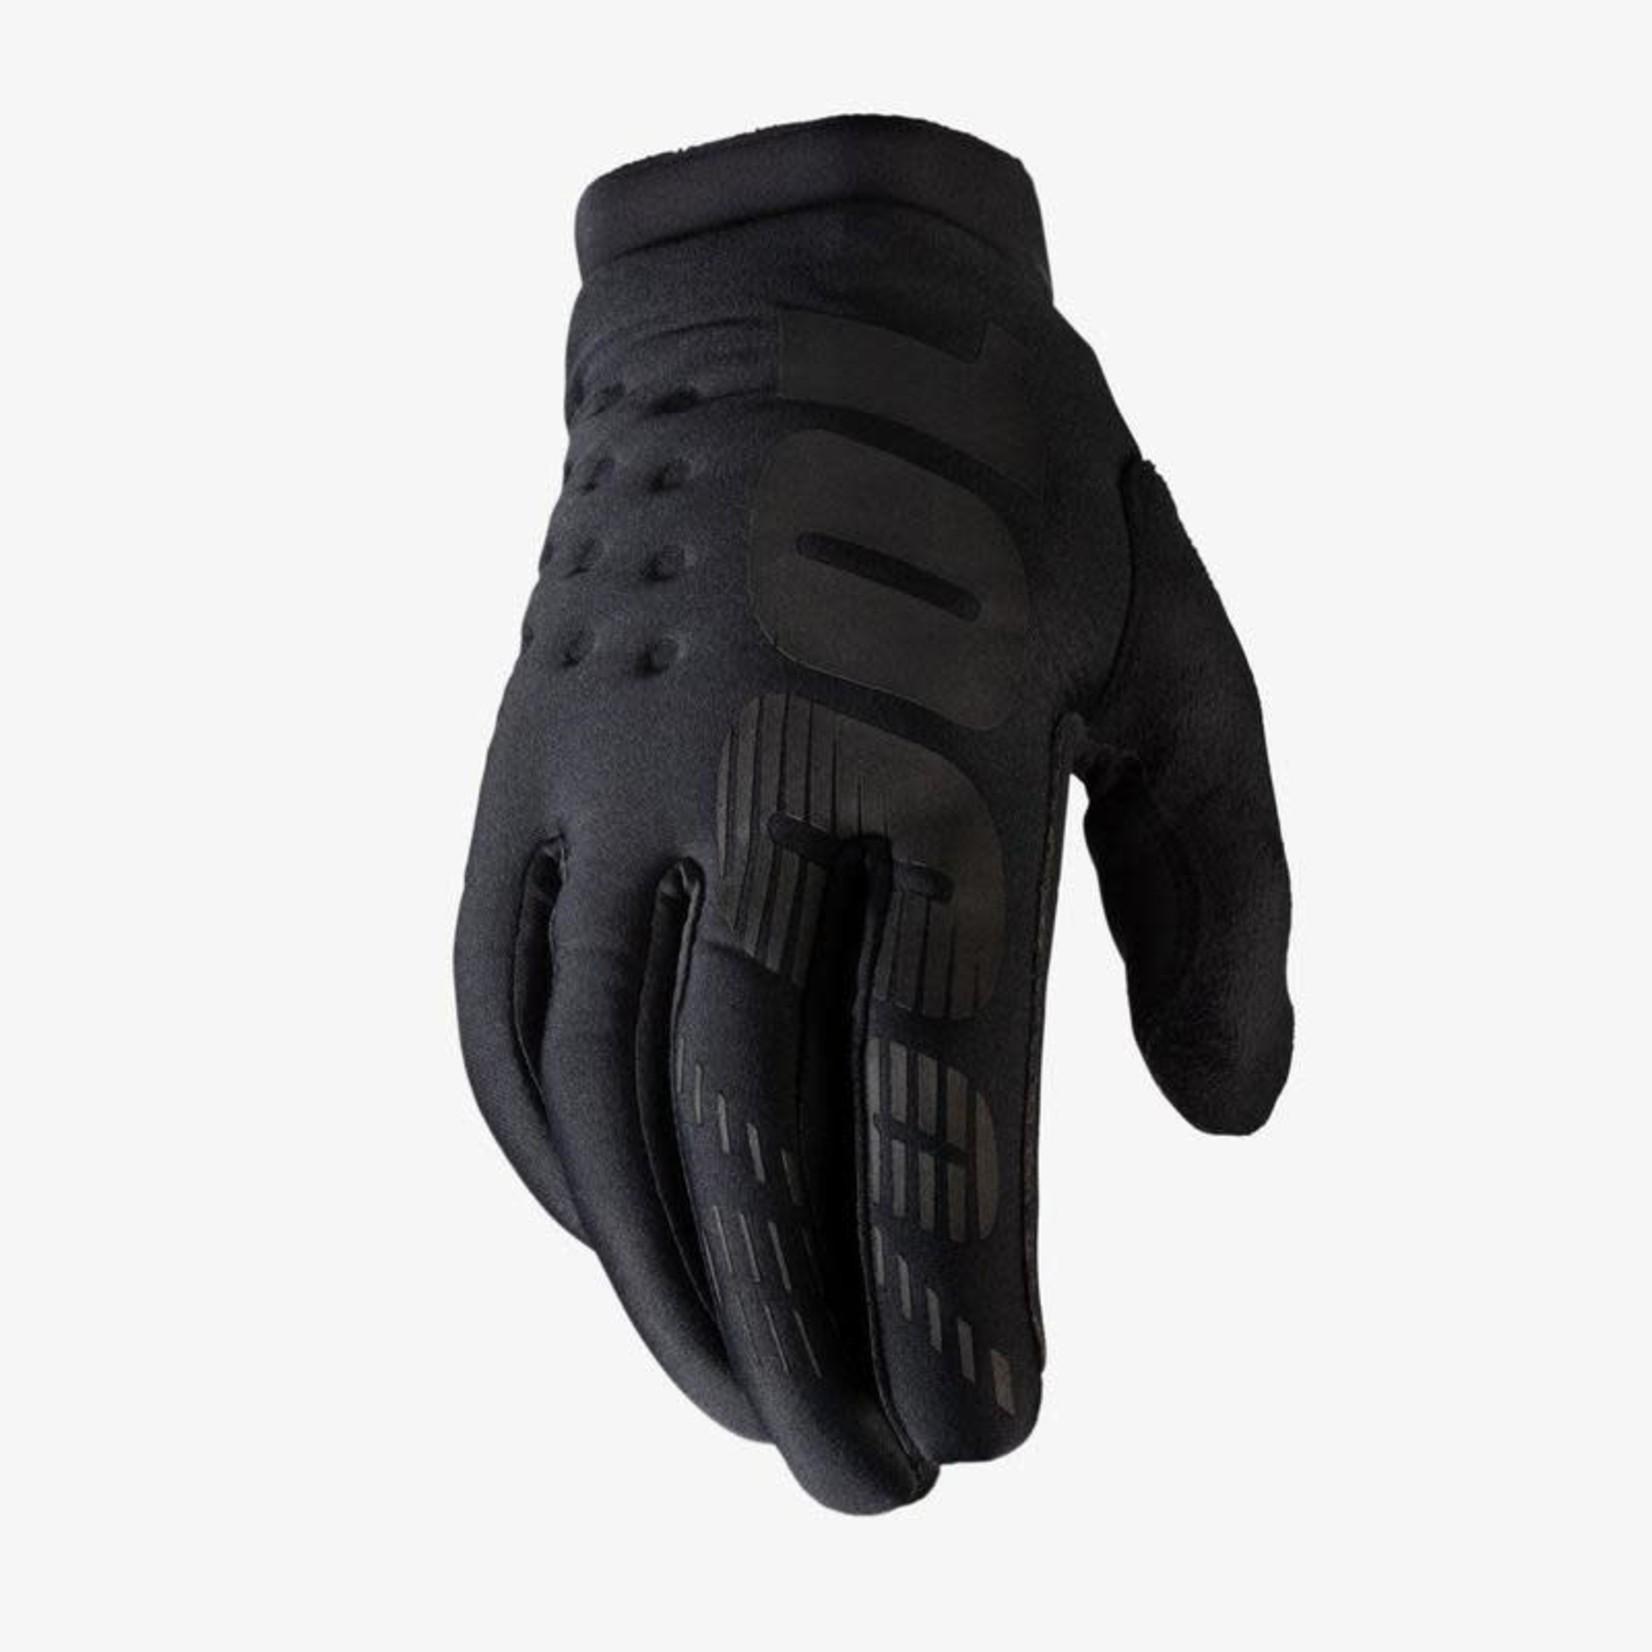 100% 100% Brisker Gloves